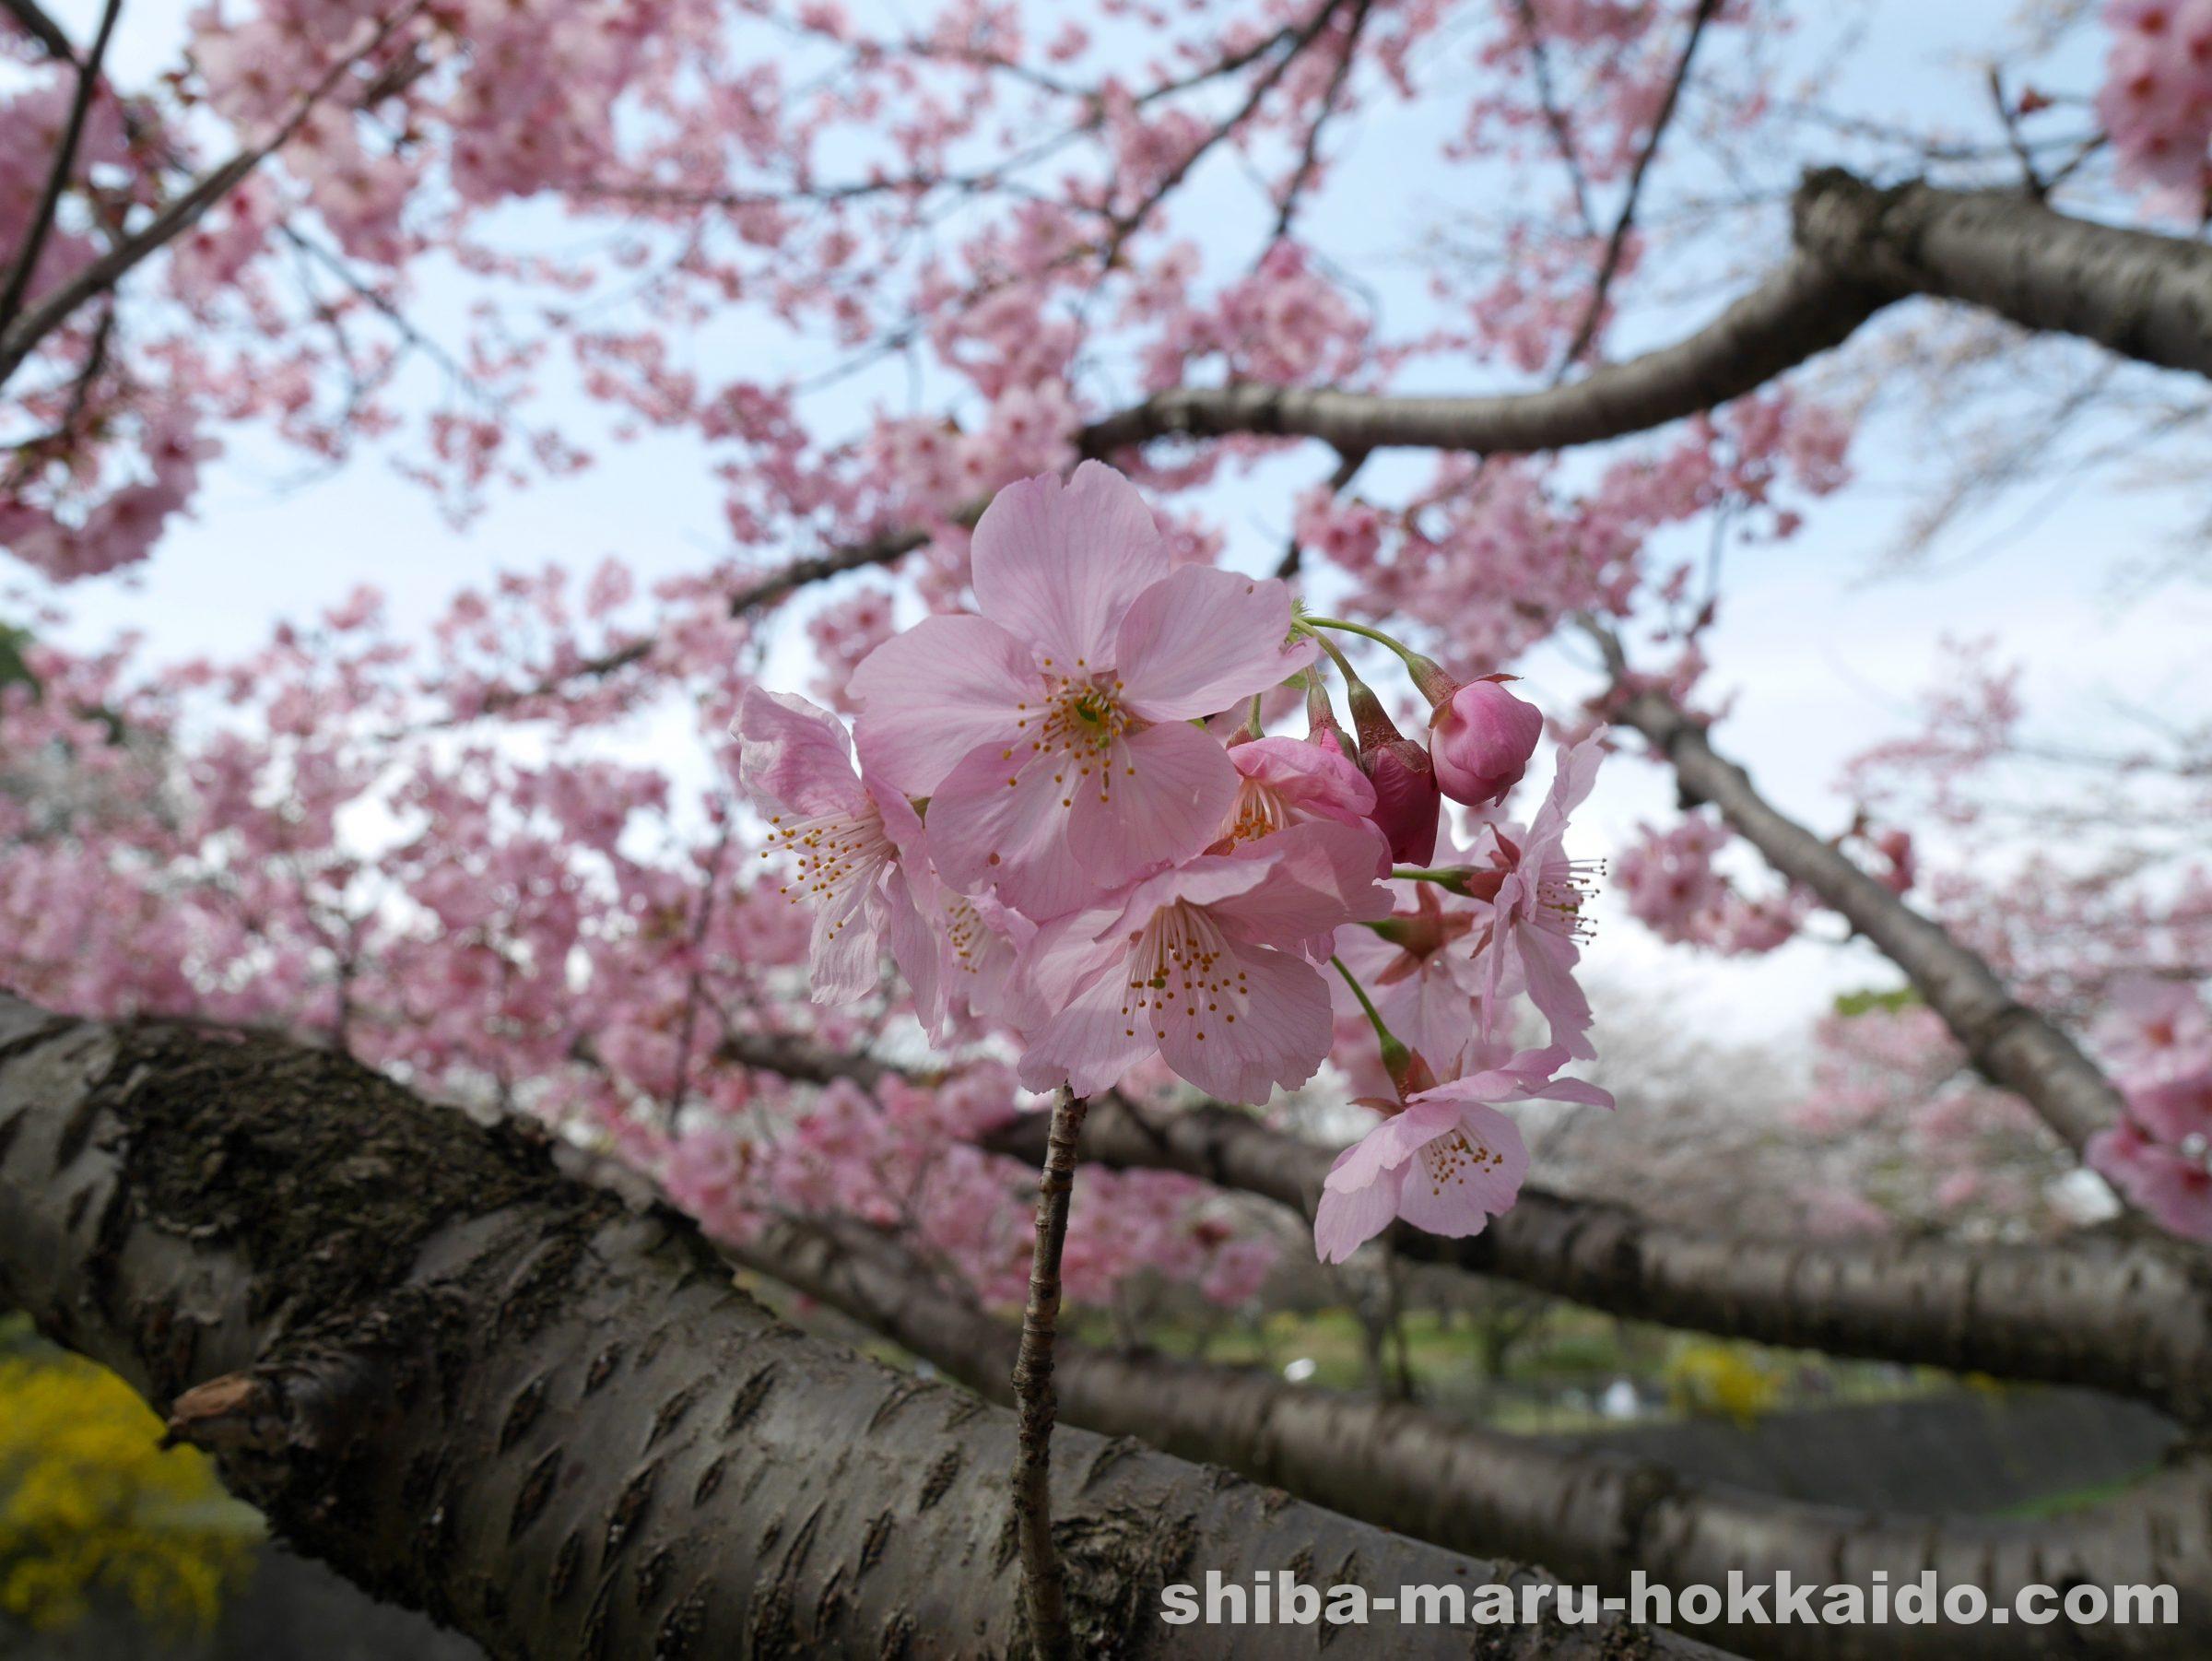 柴犬まると一緒に立川の国営昭和記念公園でお花見をしてきました〜!